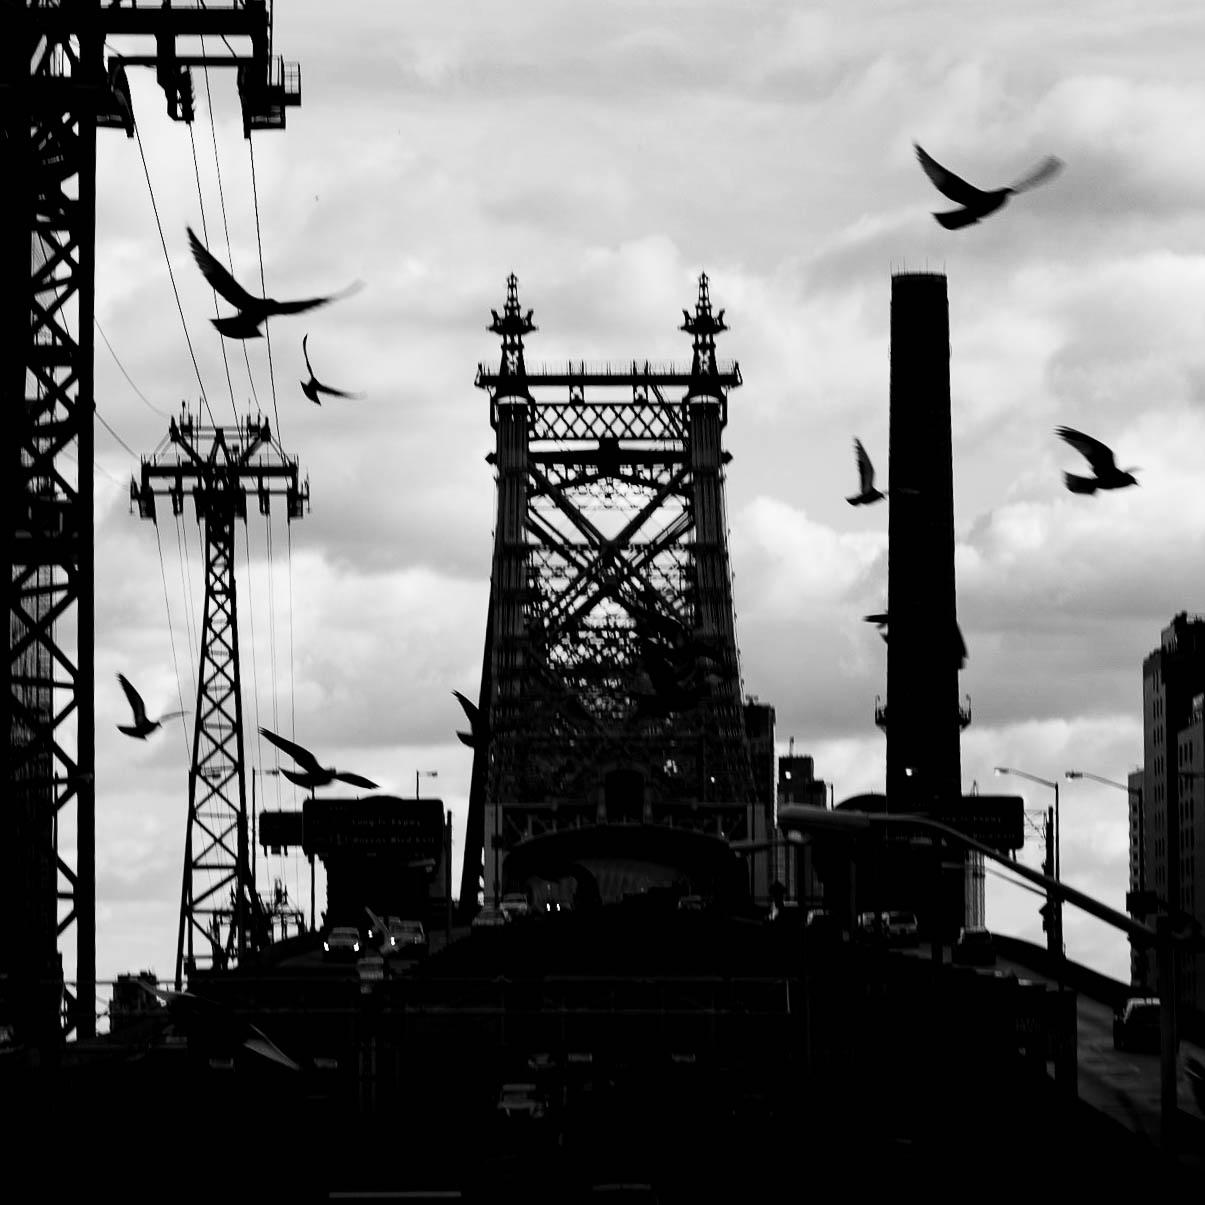 NYC_20161230_05379_©2016ArgunTekant.jpg